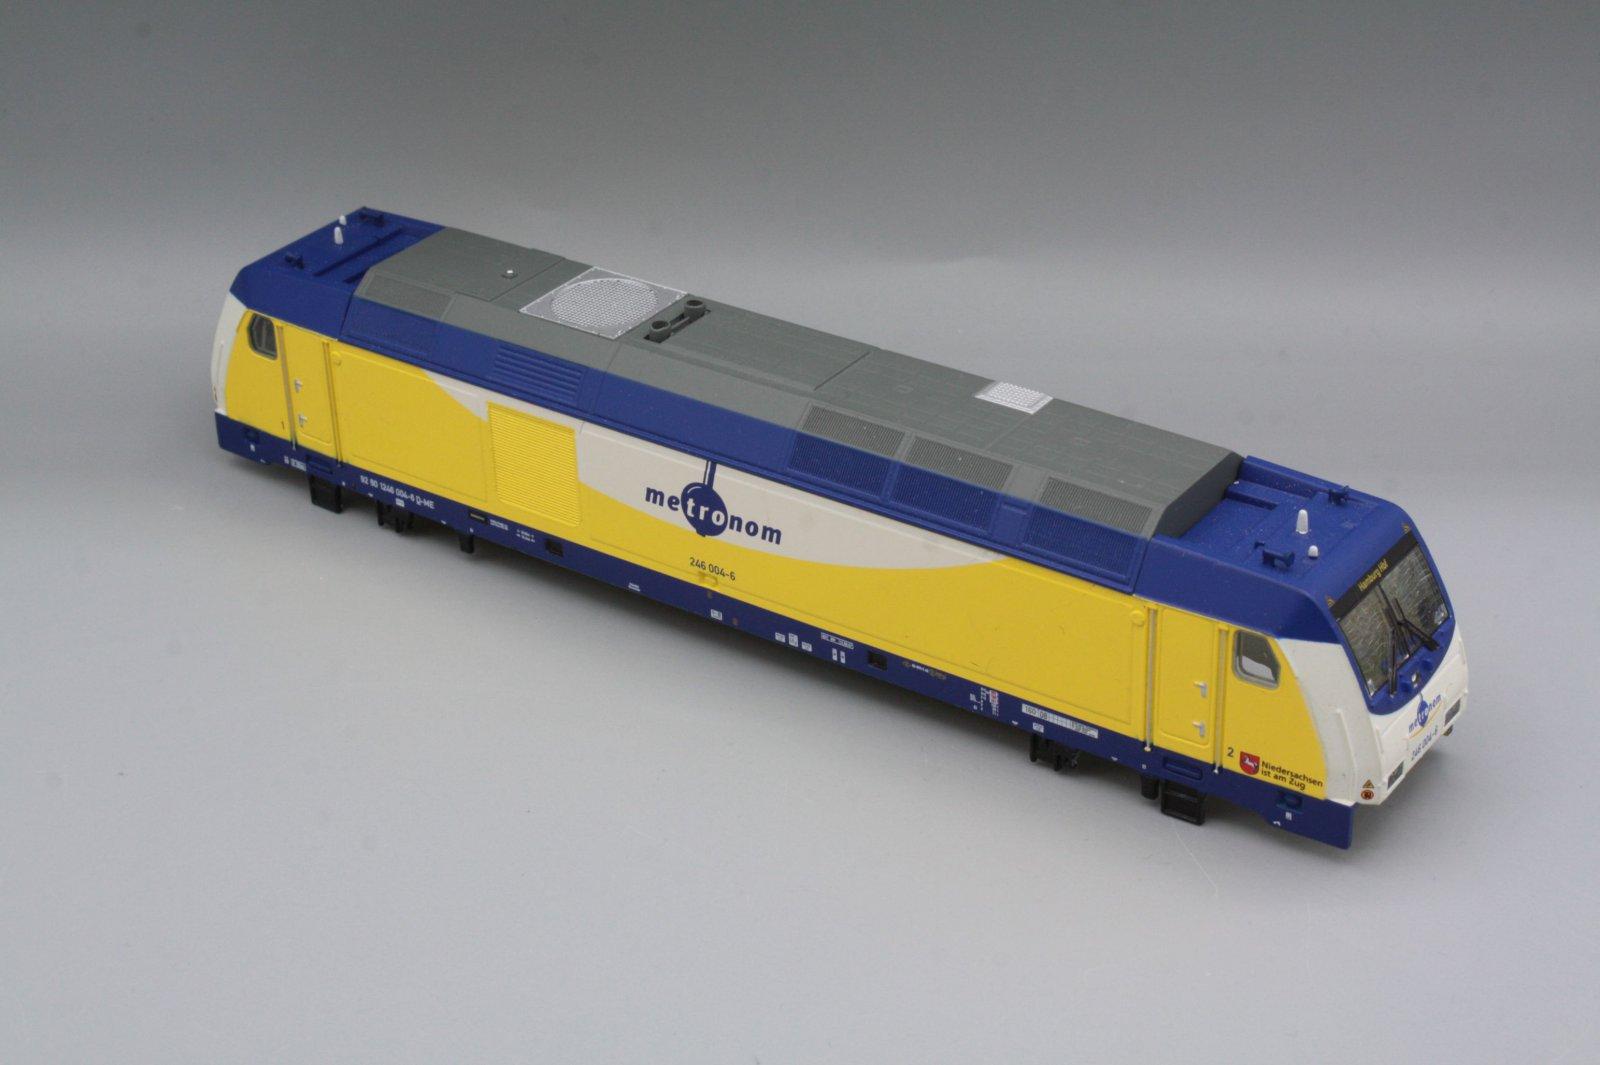 Ersatzteil Piko 246 004-6 Gehäuse weiß / blau Metronom mit Dach